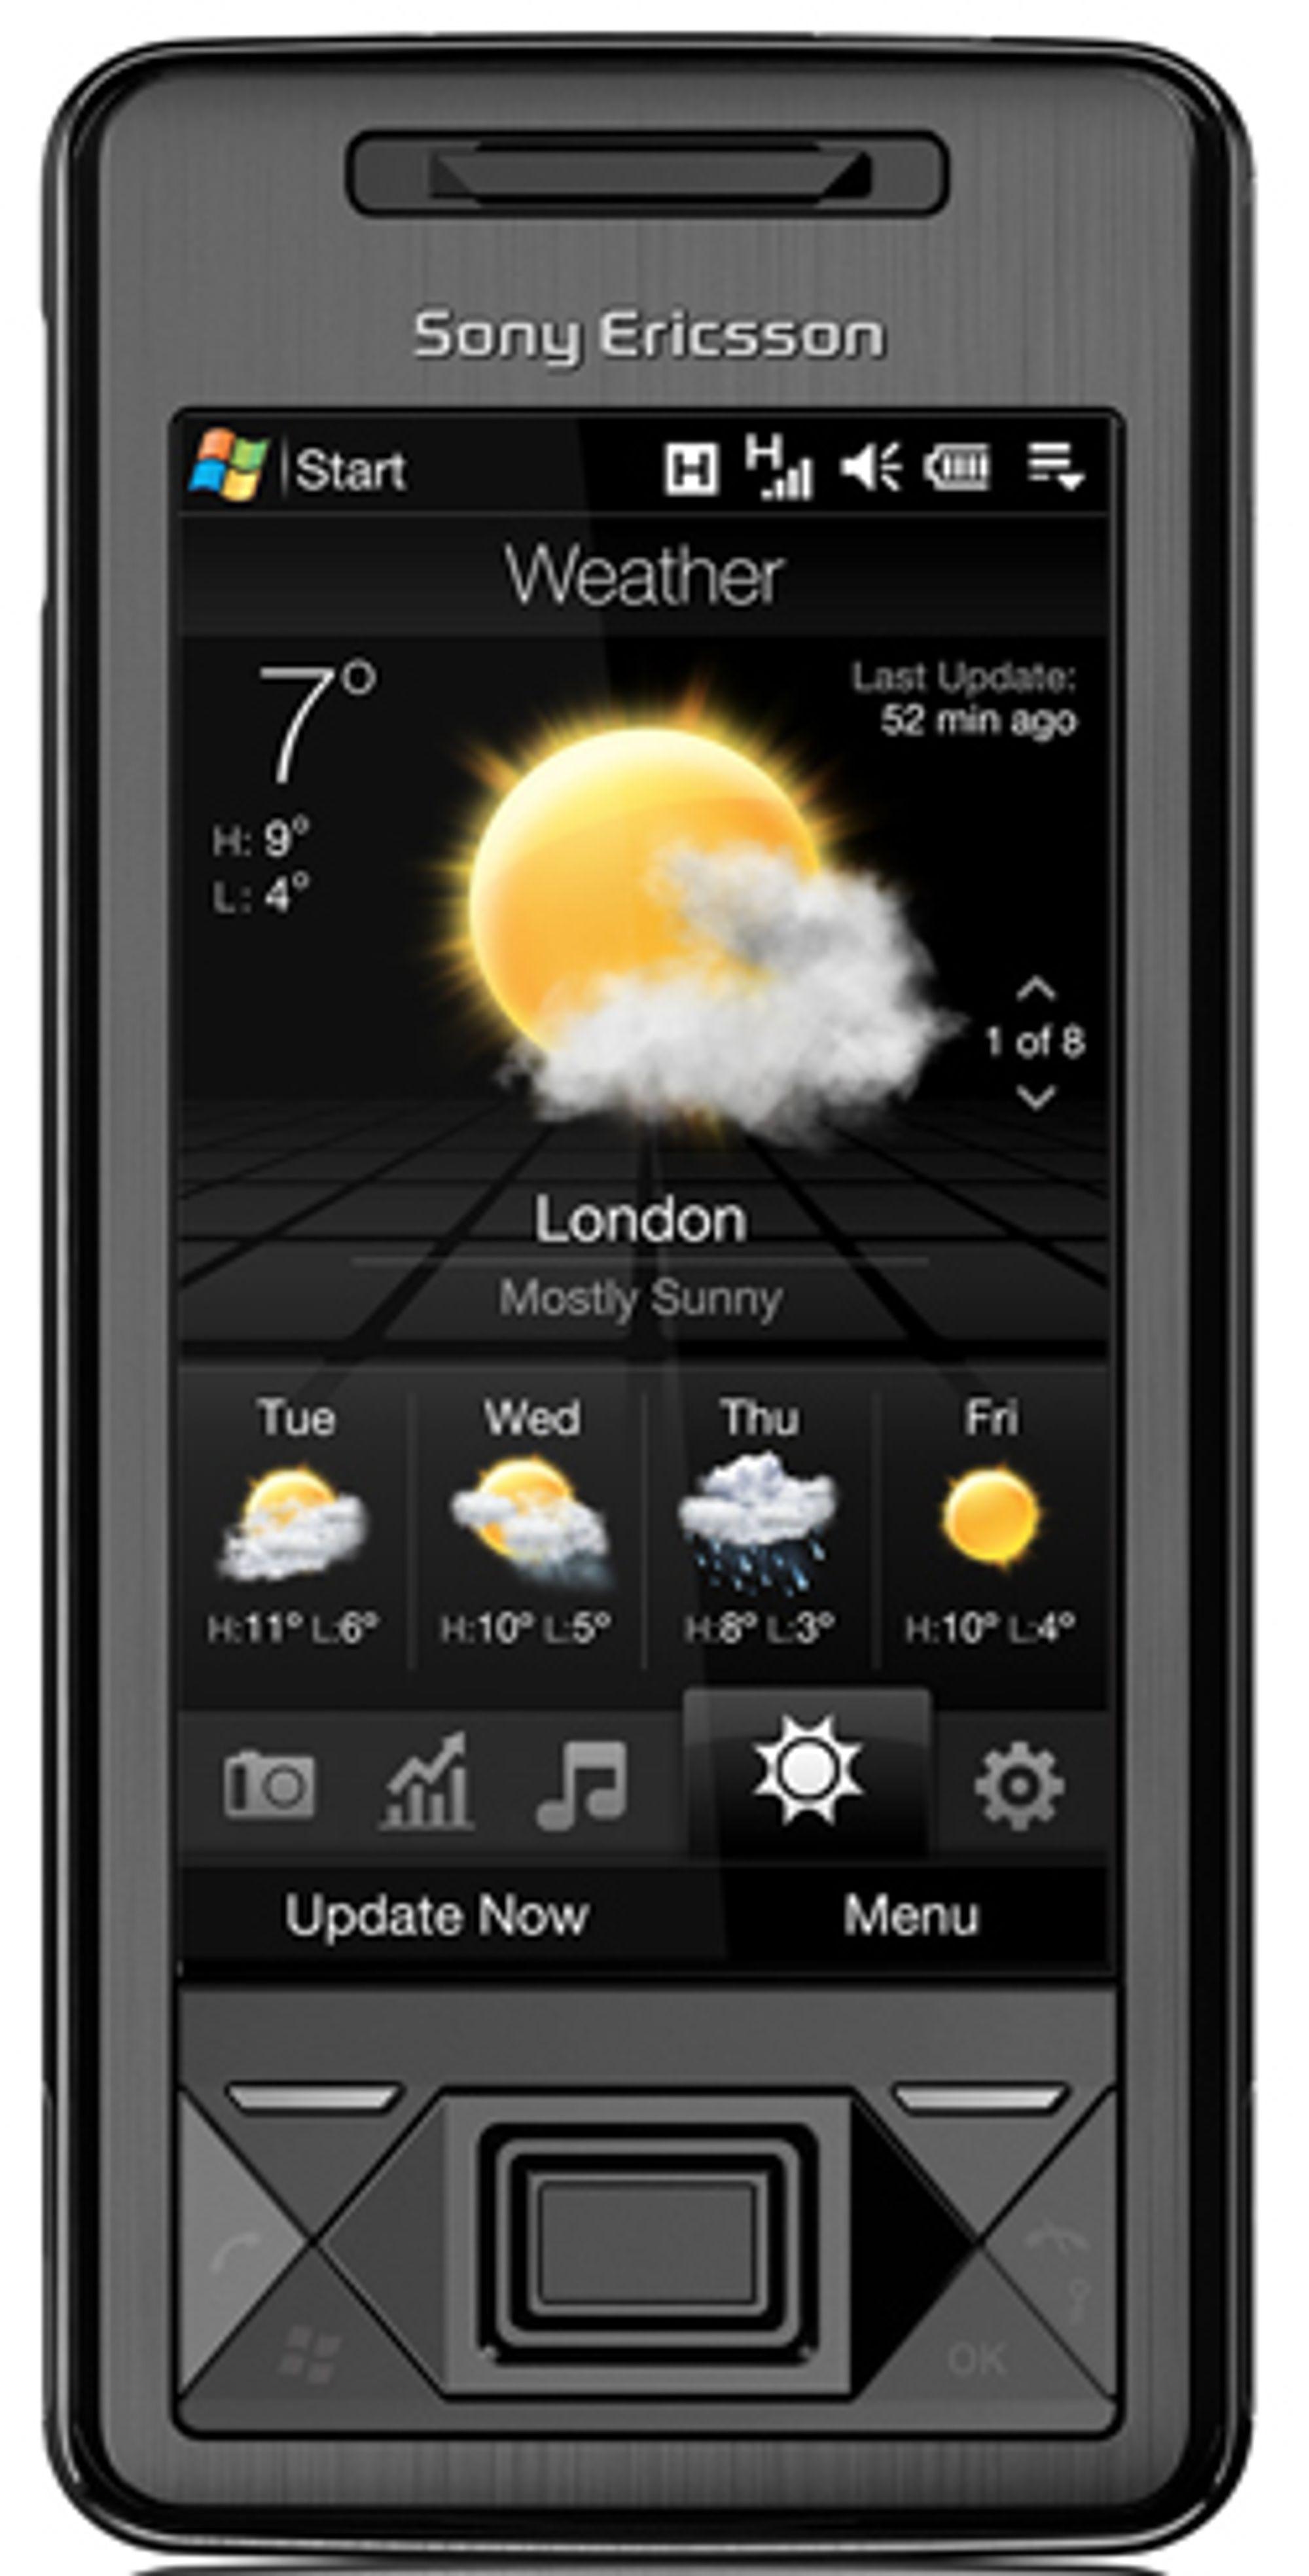 Xperia X1 kan nå få Touch Flo 3D-meny.